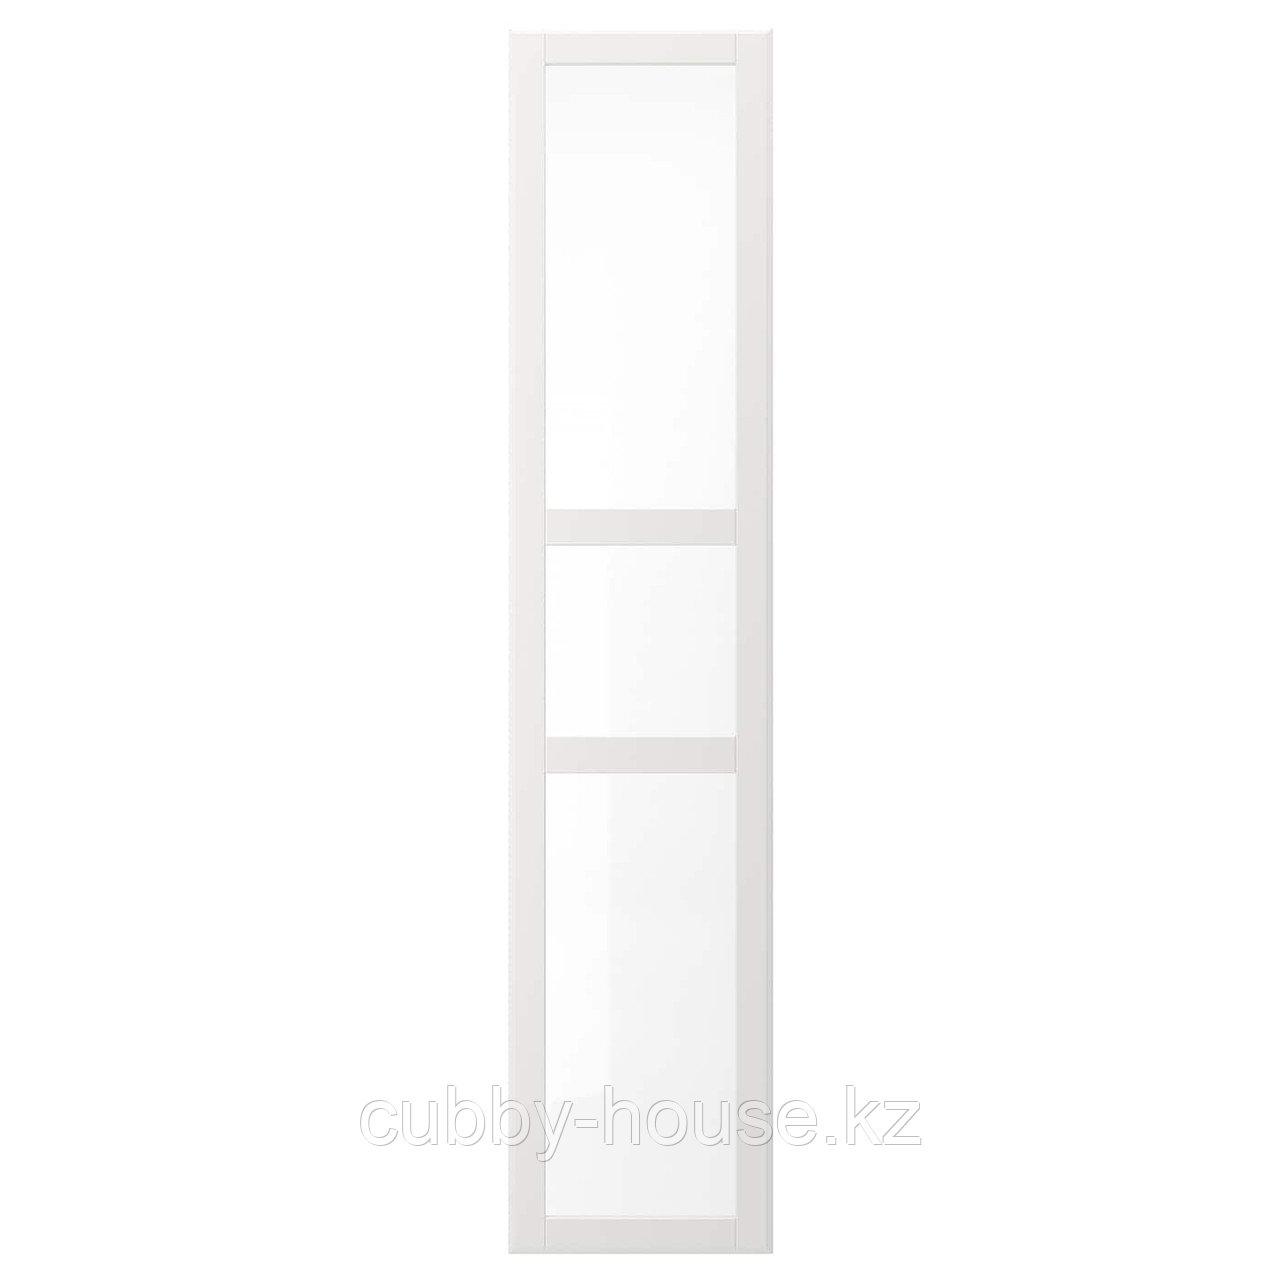 ТИССЕДАЛЬ Дверь, белый, стекло, 50x229 см